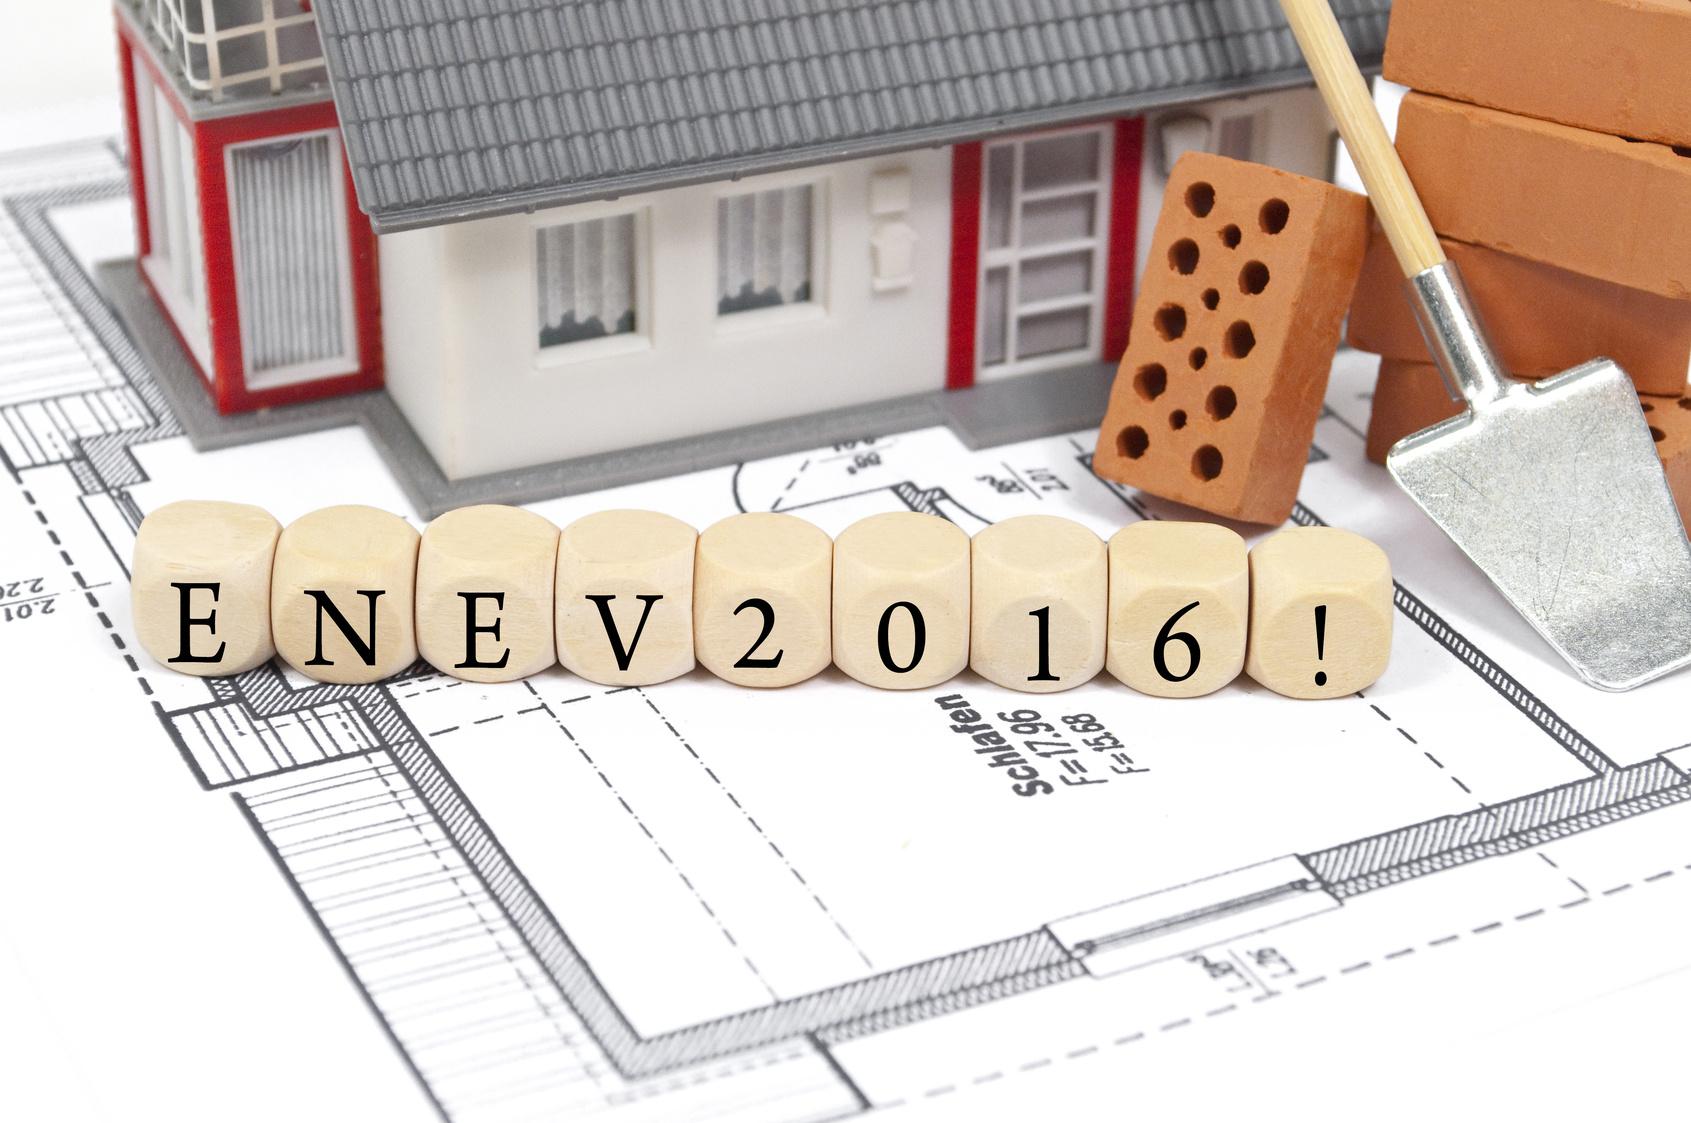 Die strengeren Energieauflagen 2016 machen das Bauen  und Sanieren teurer